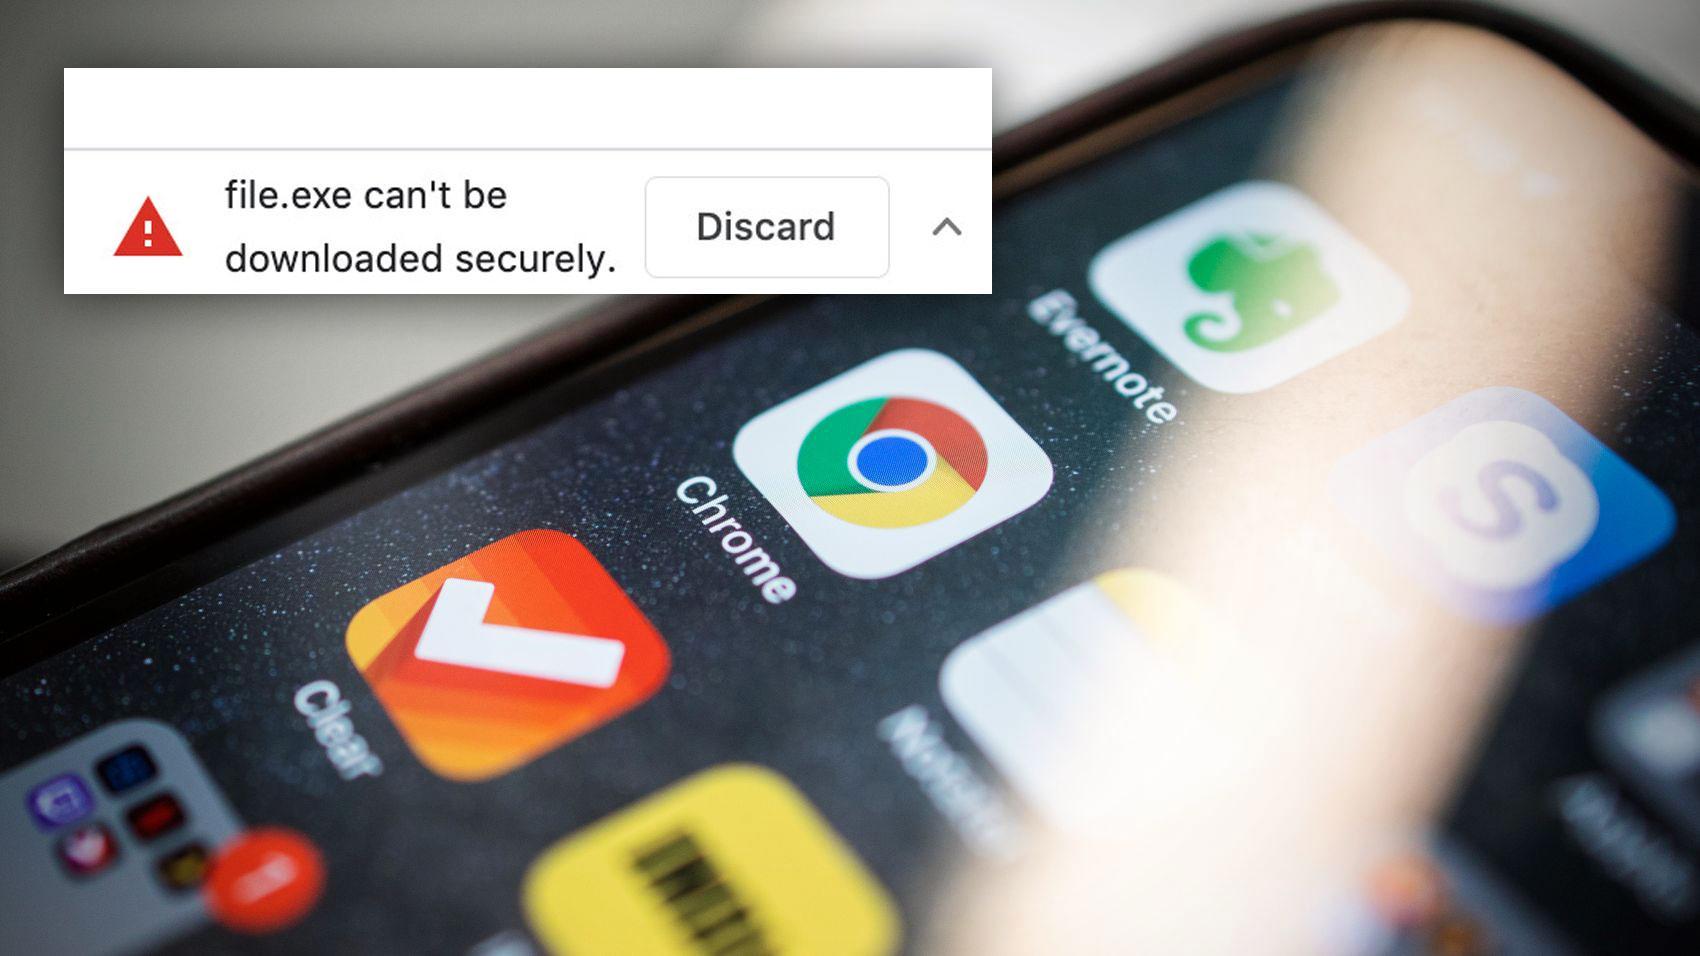 Nå skal Google gjøre det vanskeligere å laste ned virus